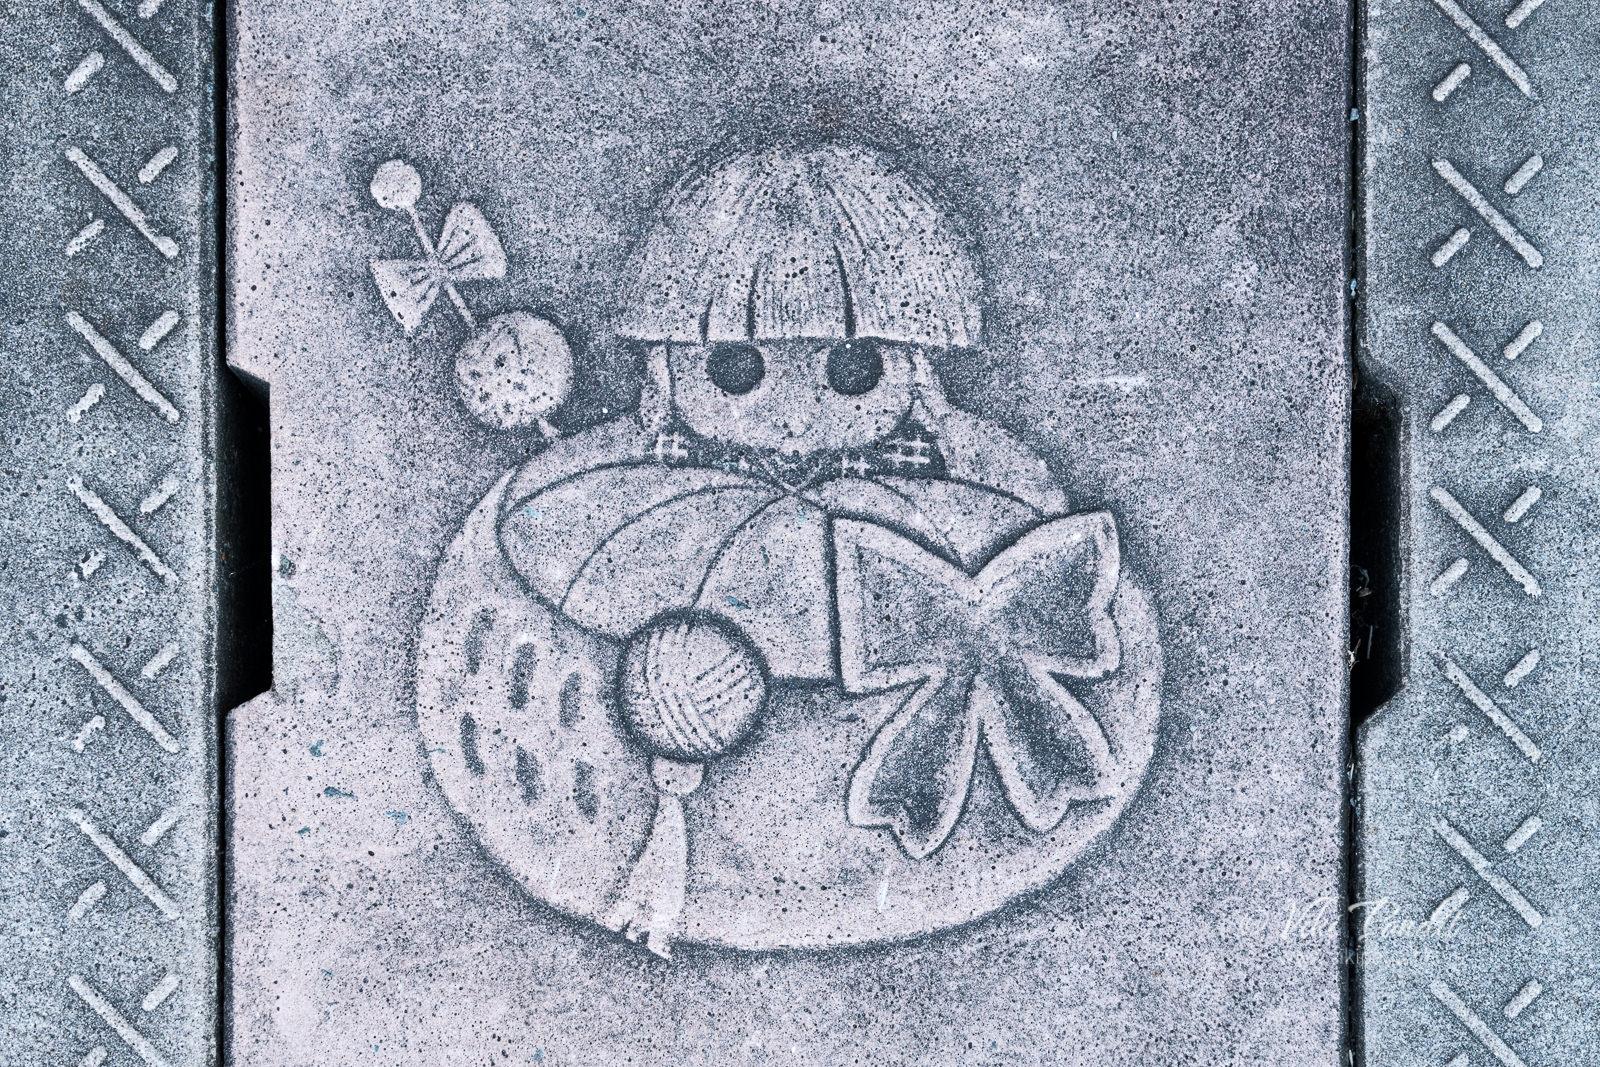 Manhole Tsuruoka